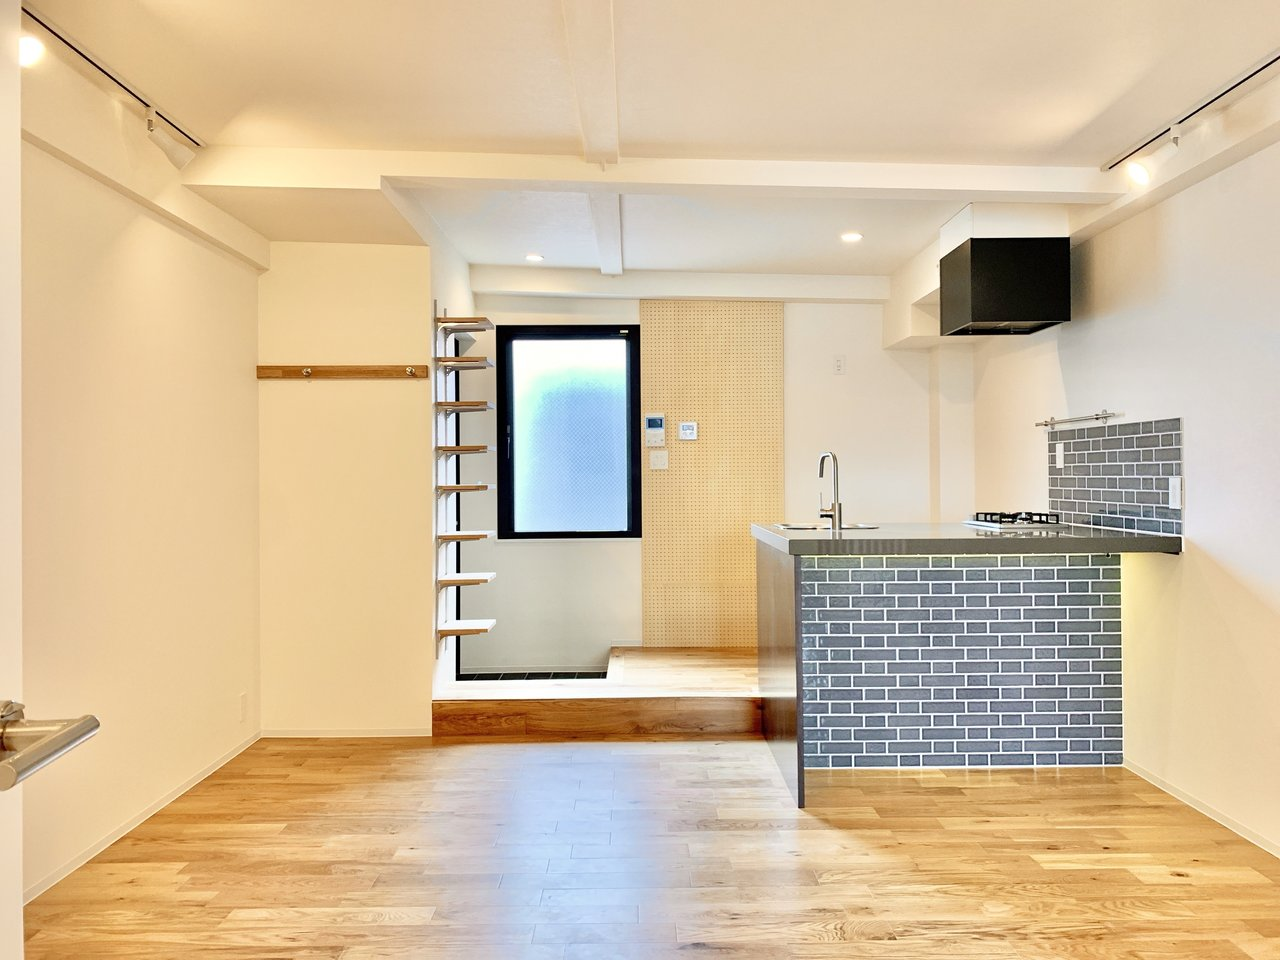 なんと18畳超えの広々ワンルーム!無垢材を使用した床が、柔らかい印象を演出してくれています。レンガ調のカウンターキッチンも、おしゃれ。